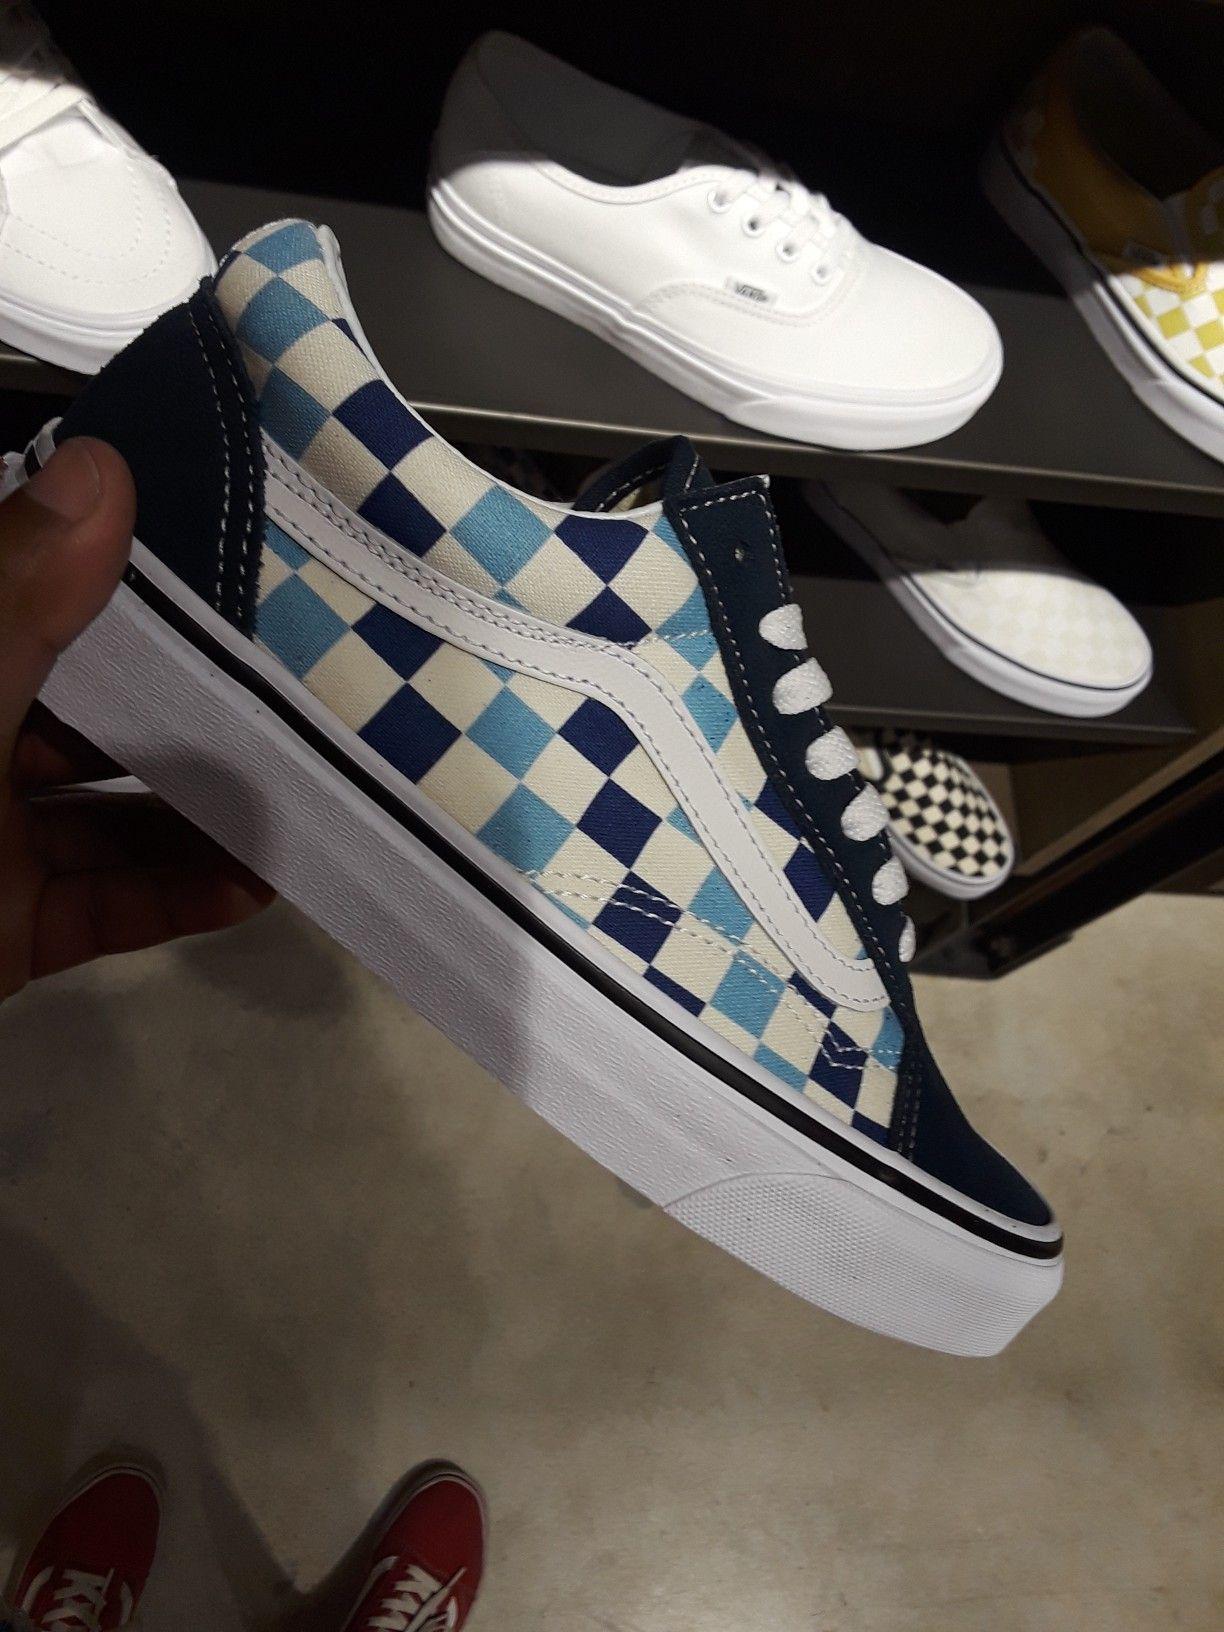 Pin by Jazmine Rash on Kicks | Vans shoes, Shoes, Cute vans